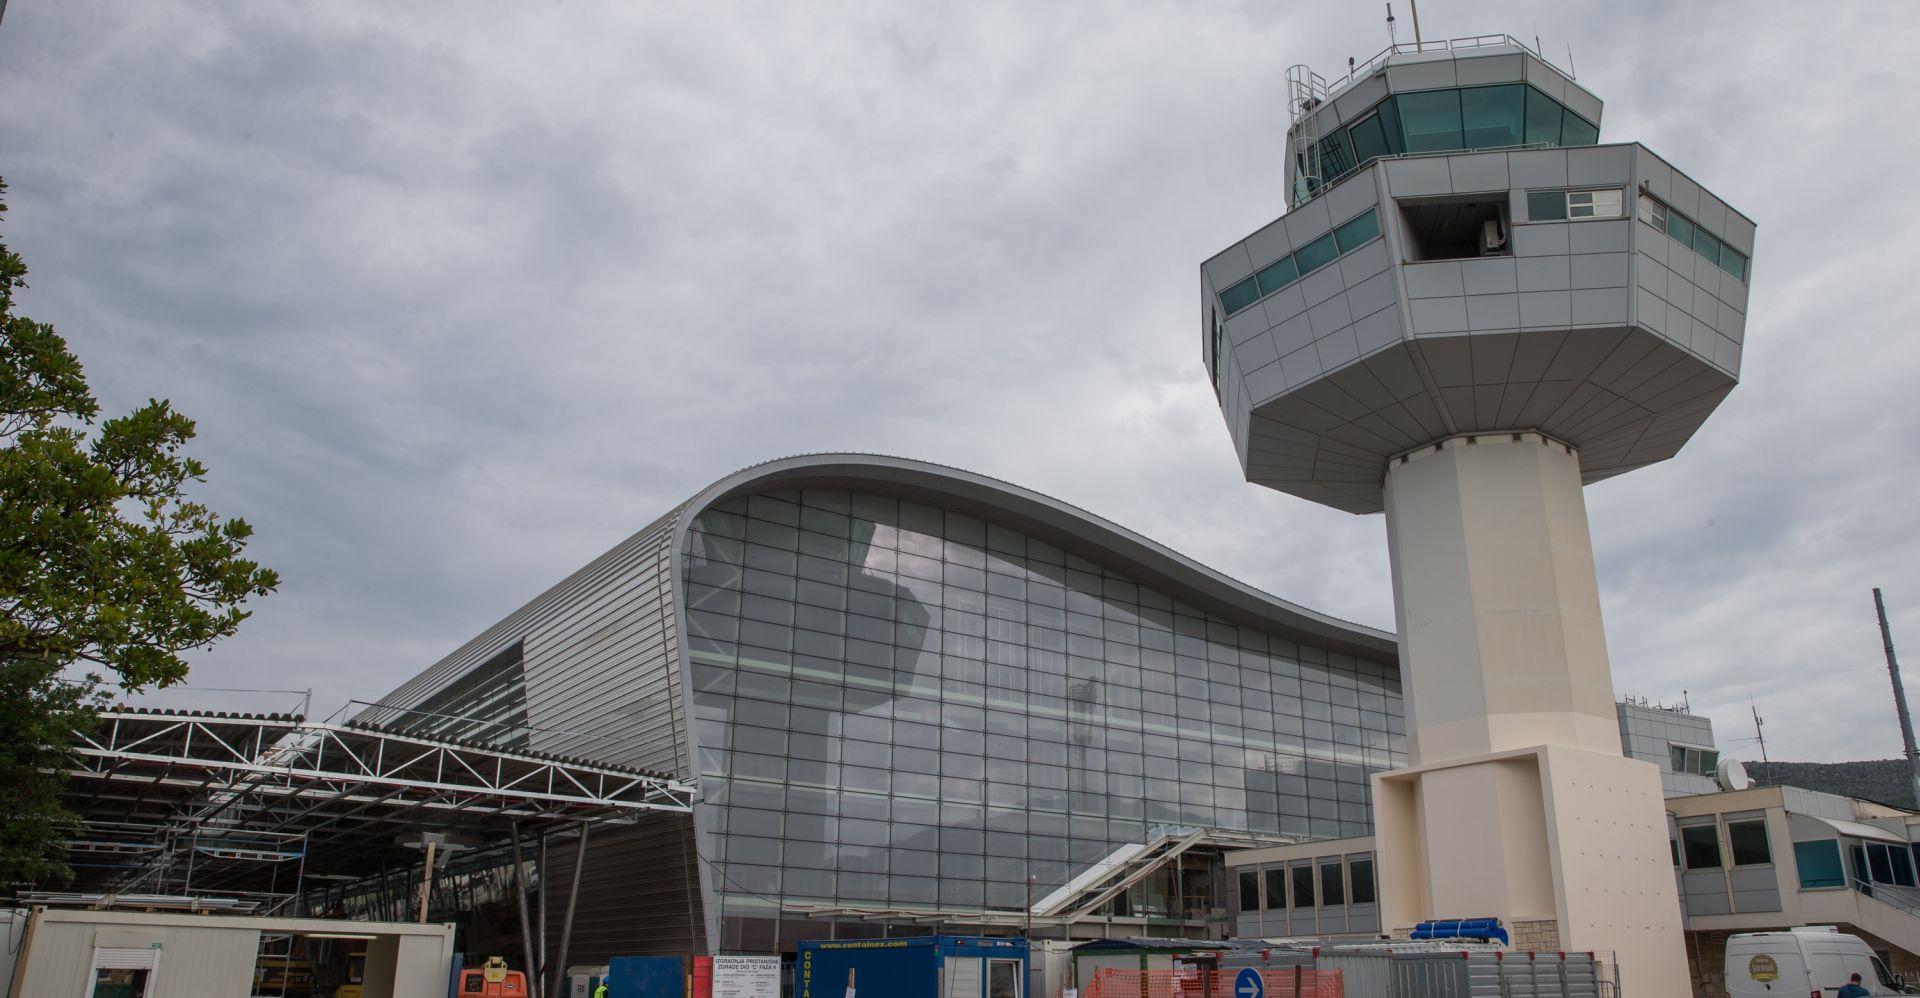 Problemi u cestovnom i pomorskom prometu, svi letovi iz Dubrovnika otkazani ili preusmjereni